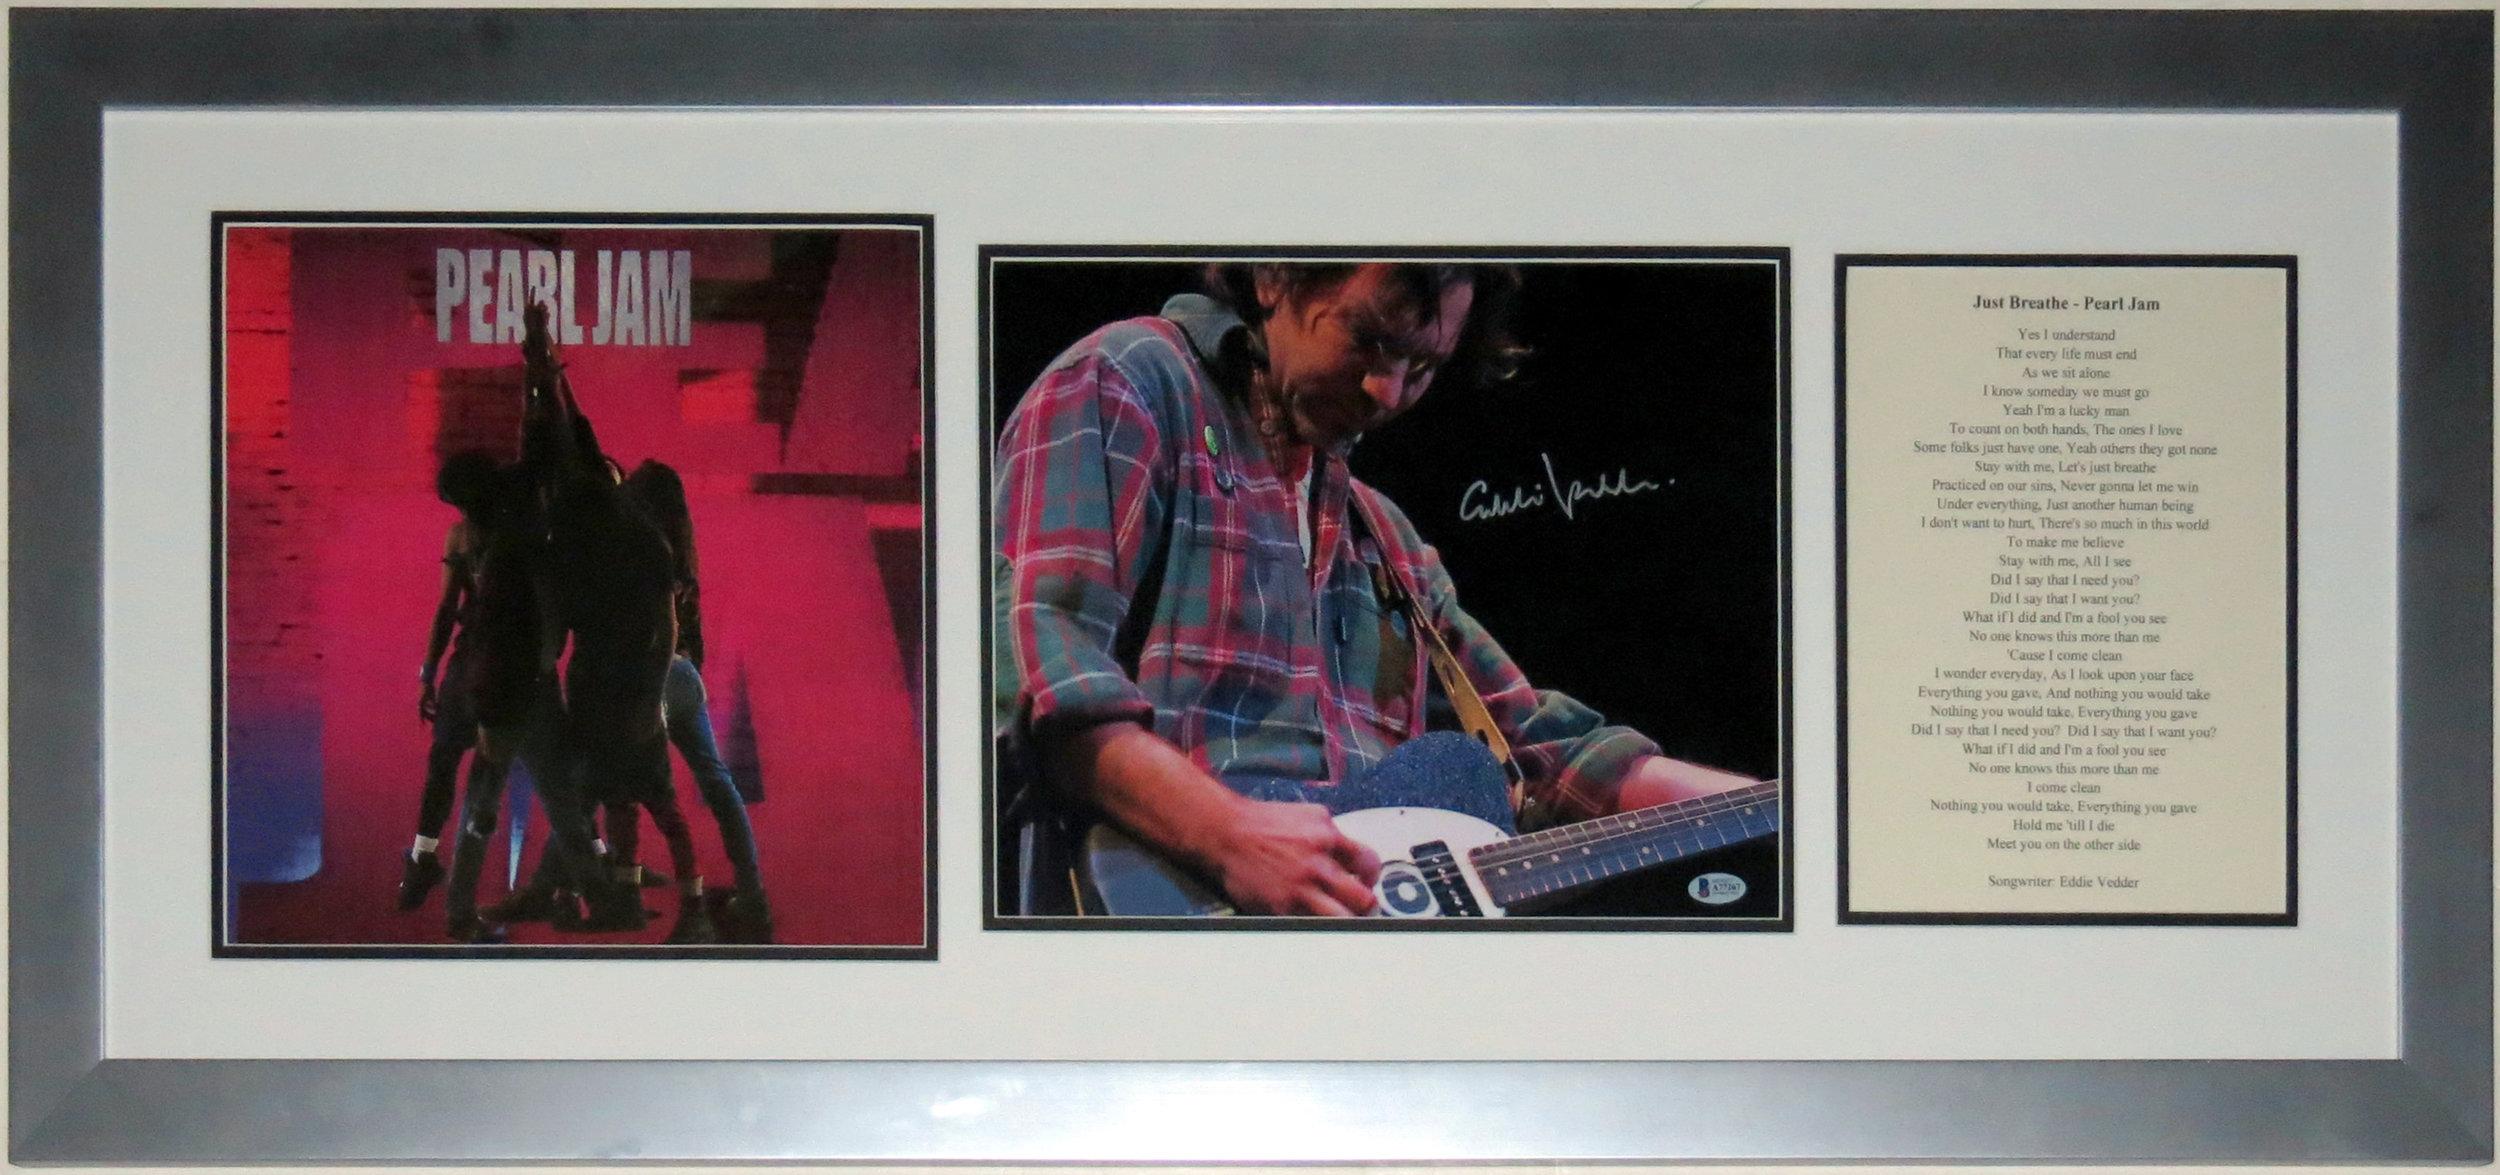 Eddie Vedder Signed Pearl Jam 11x14 Photo & Ten Album Compilation - Beckett Authentication